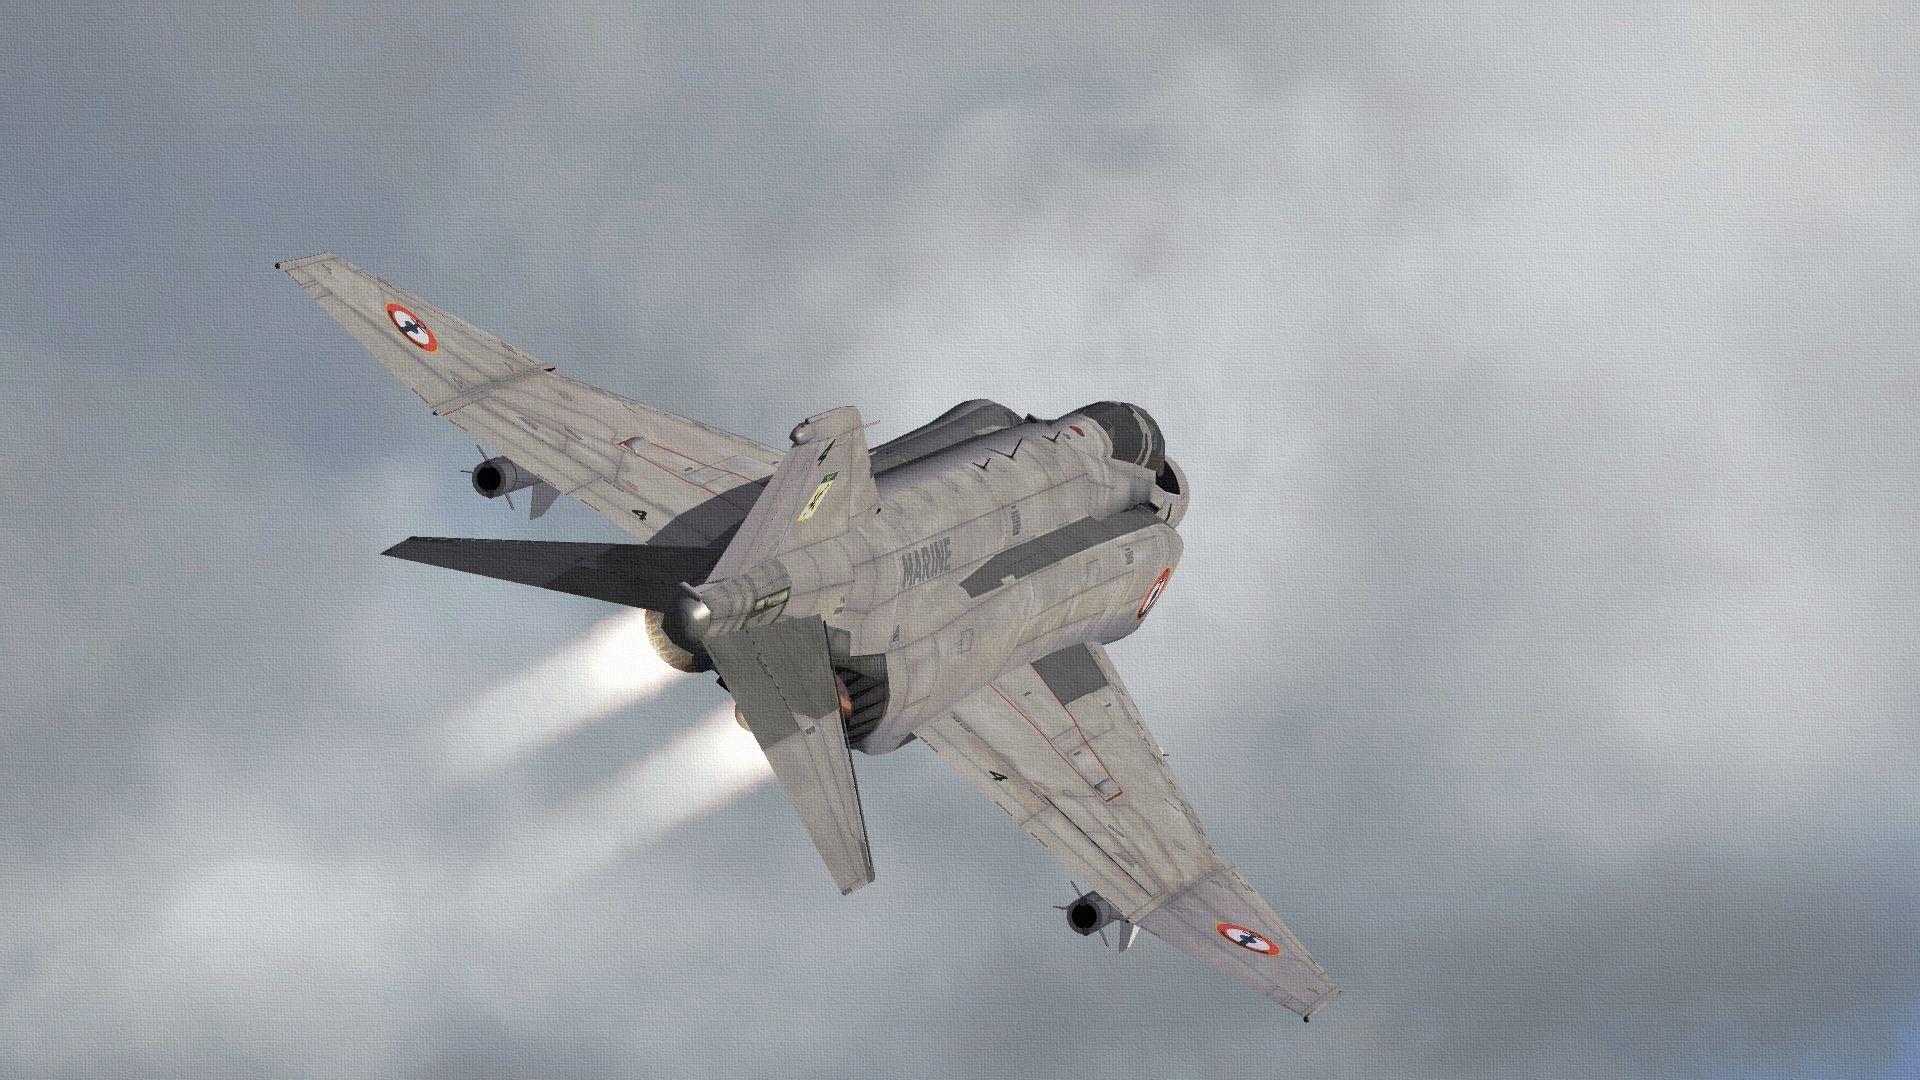 AERONAVALEF-4JPHANTOM09_zps81926e49.jpg